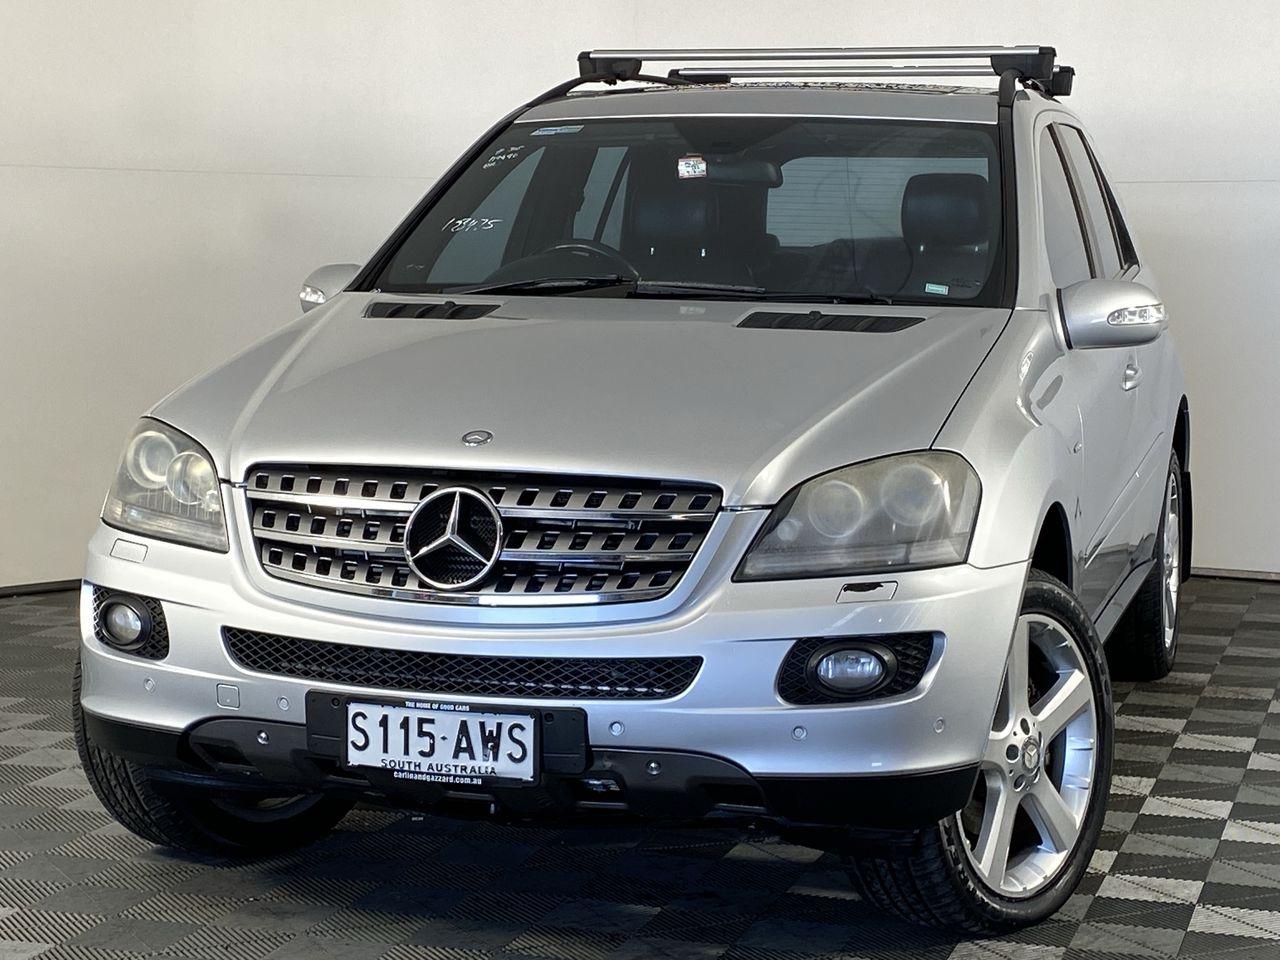 2008 Mercedes Benz ML320CDI W164 Turbo Diesel Automatic Wagon